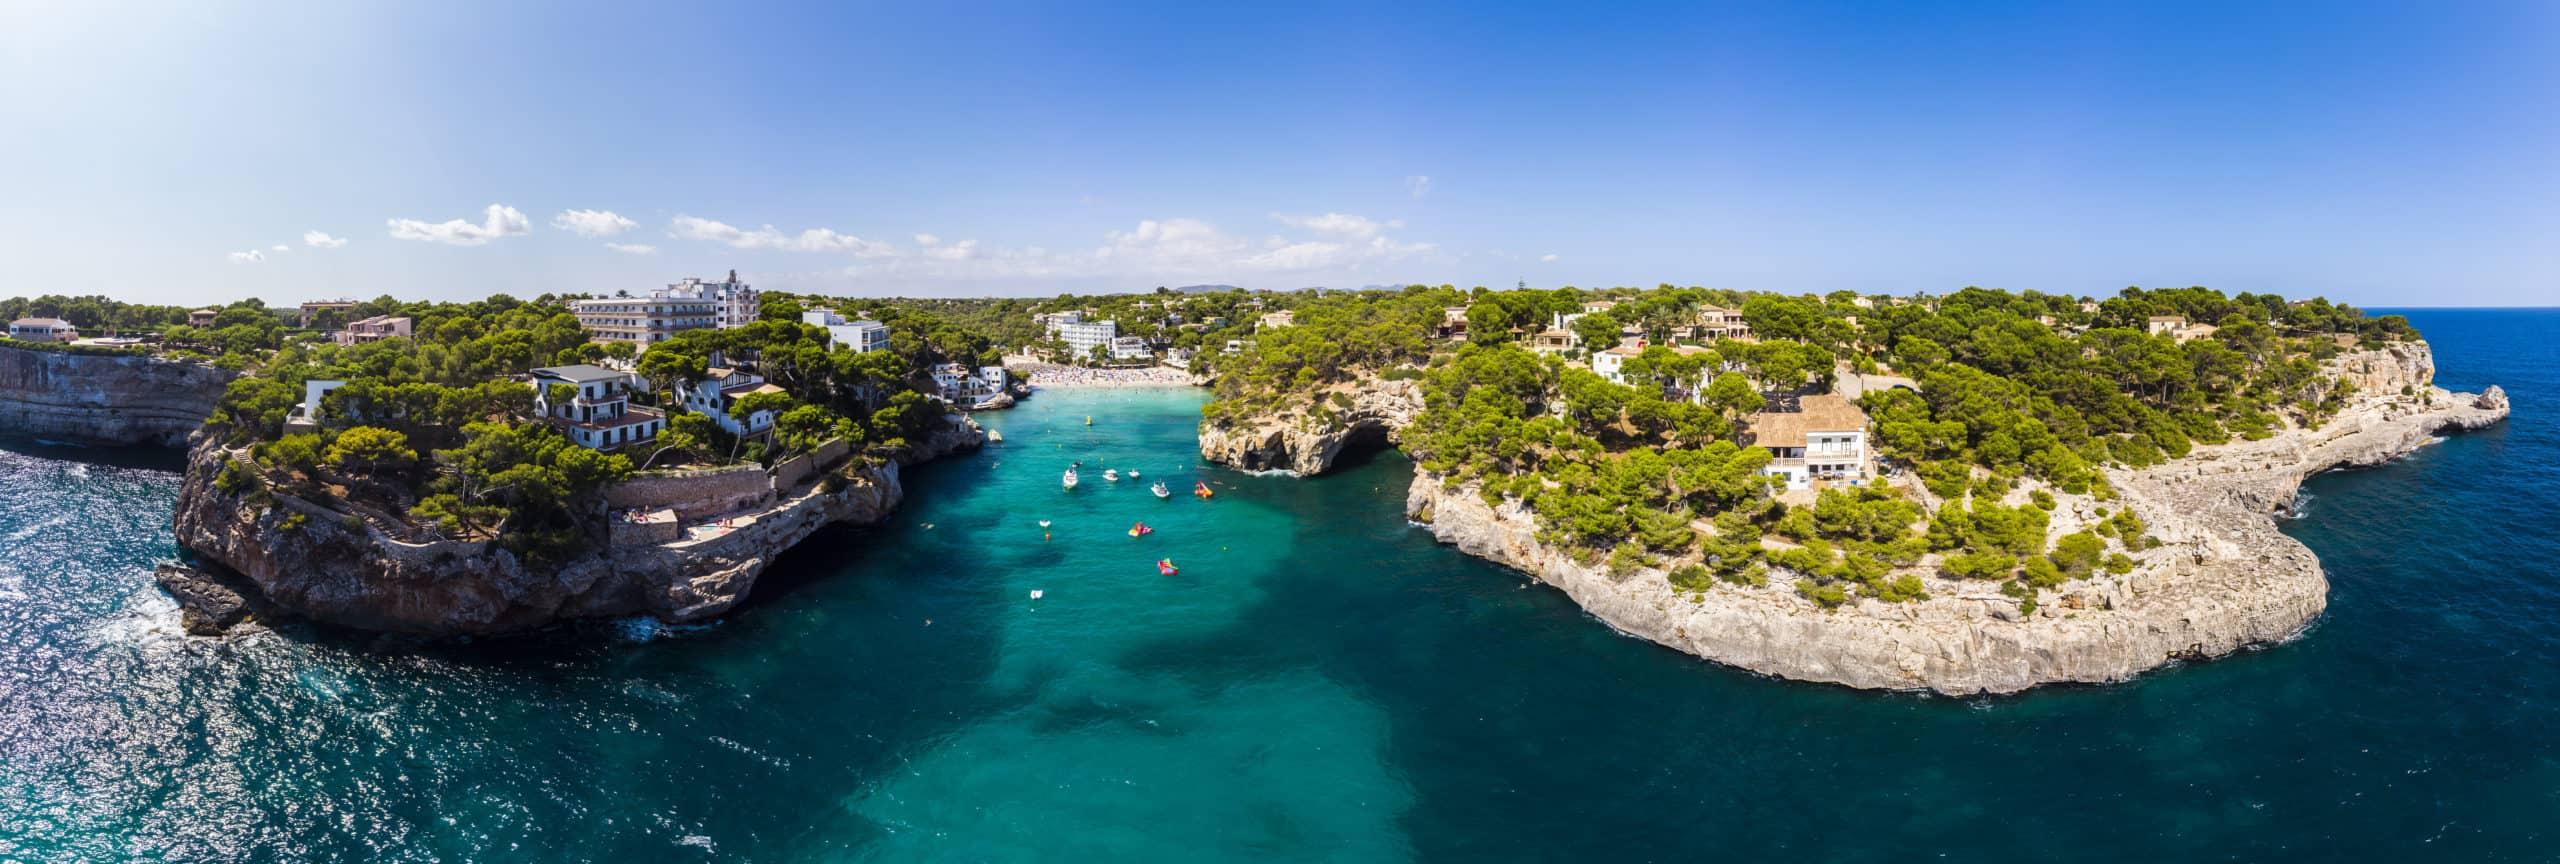 Strand Cala Santanyi Mallorca